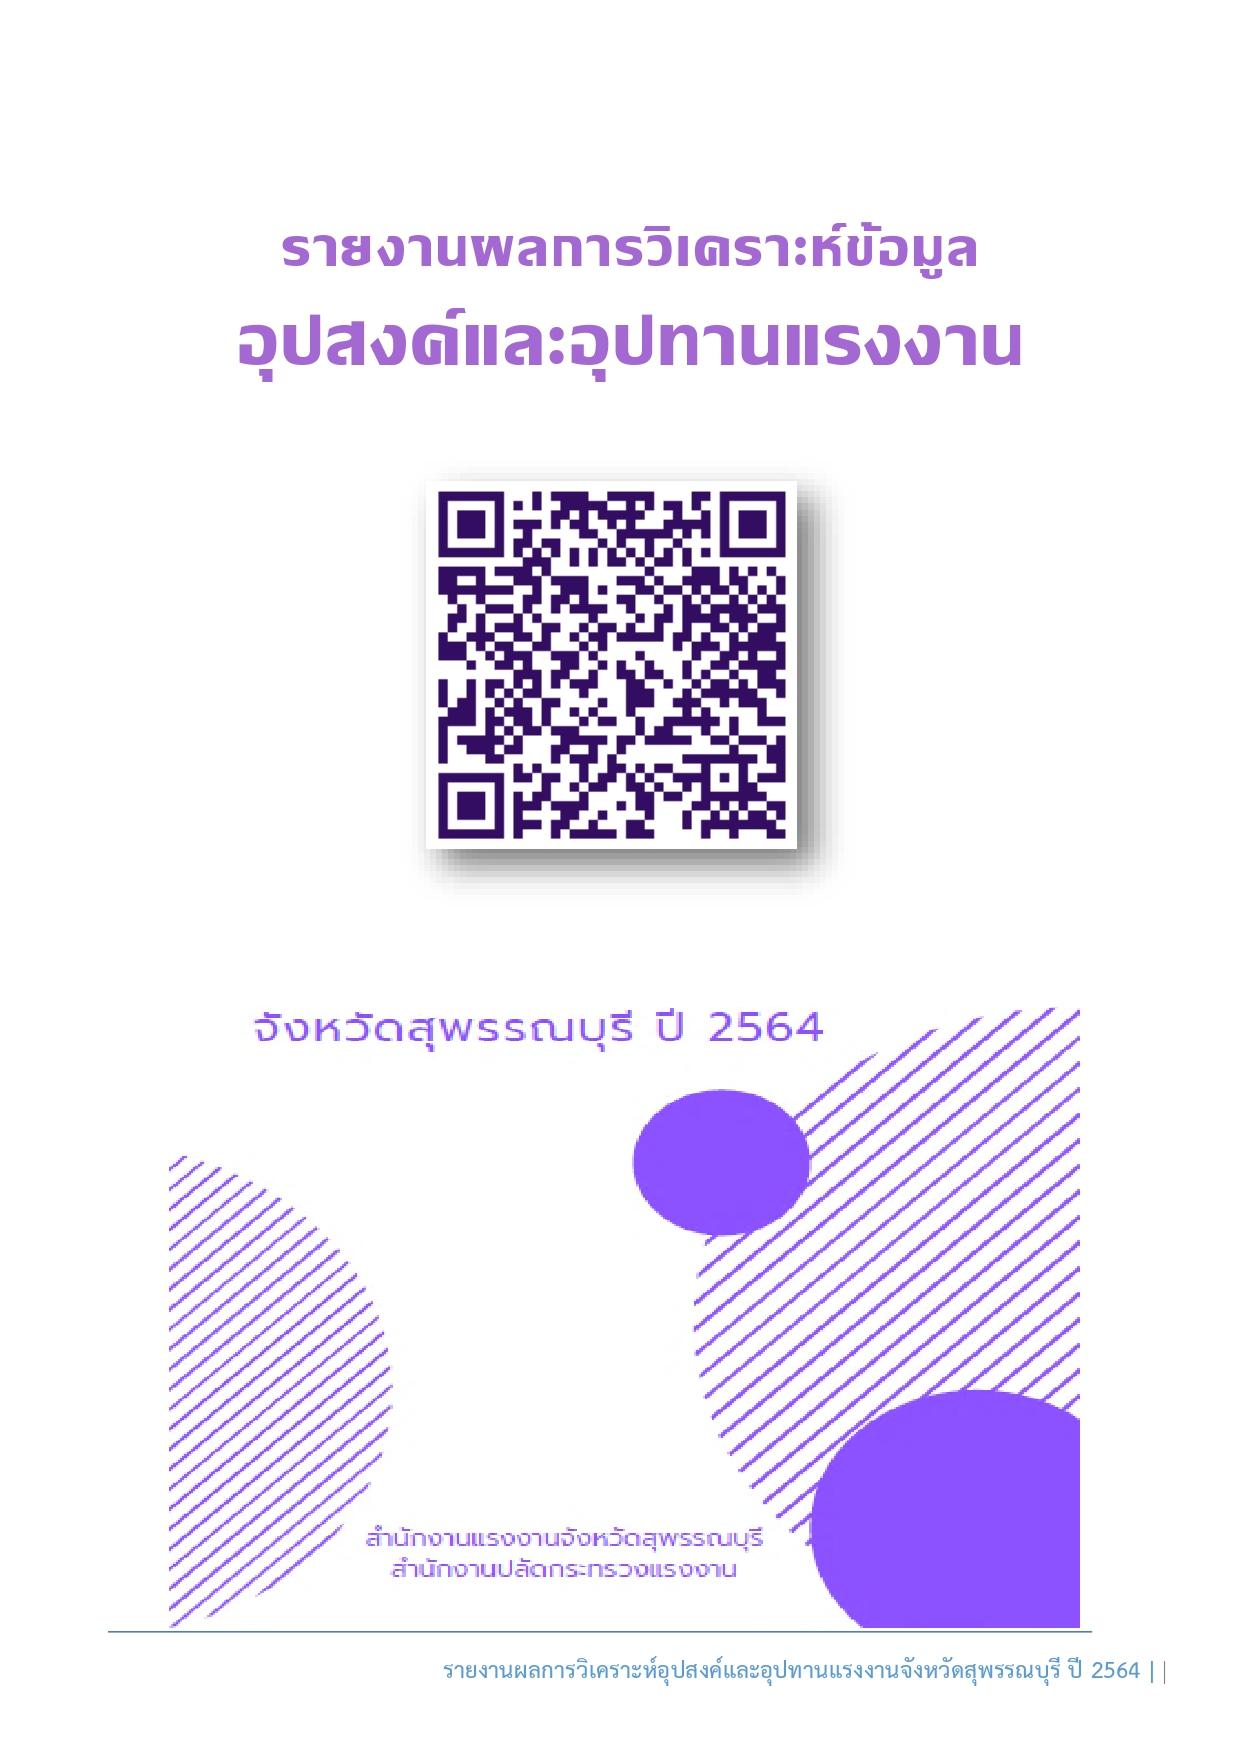 รายงานผลการวิเคราะห์ข้อมูลอุปสงค์และอุปทานแรงงาน จังหวัดสุพรรณบุรี ปี 2564